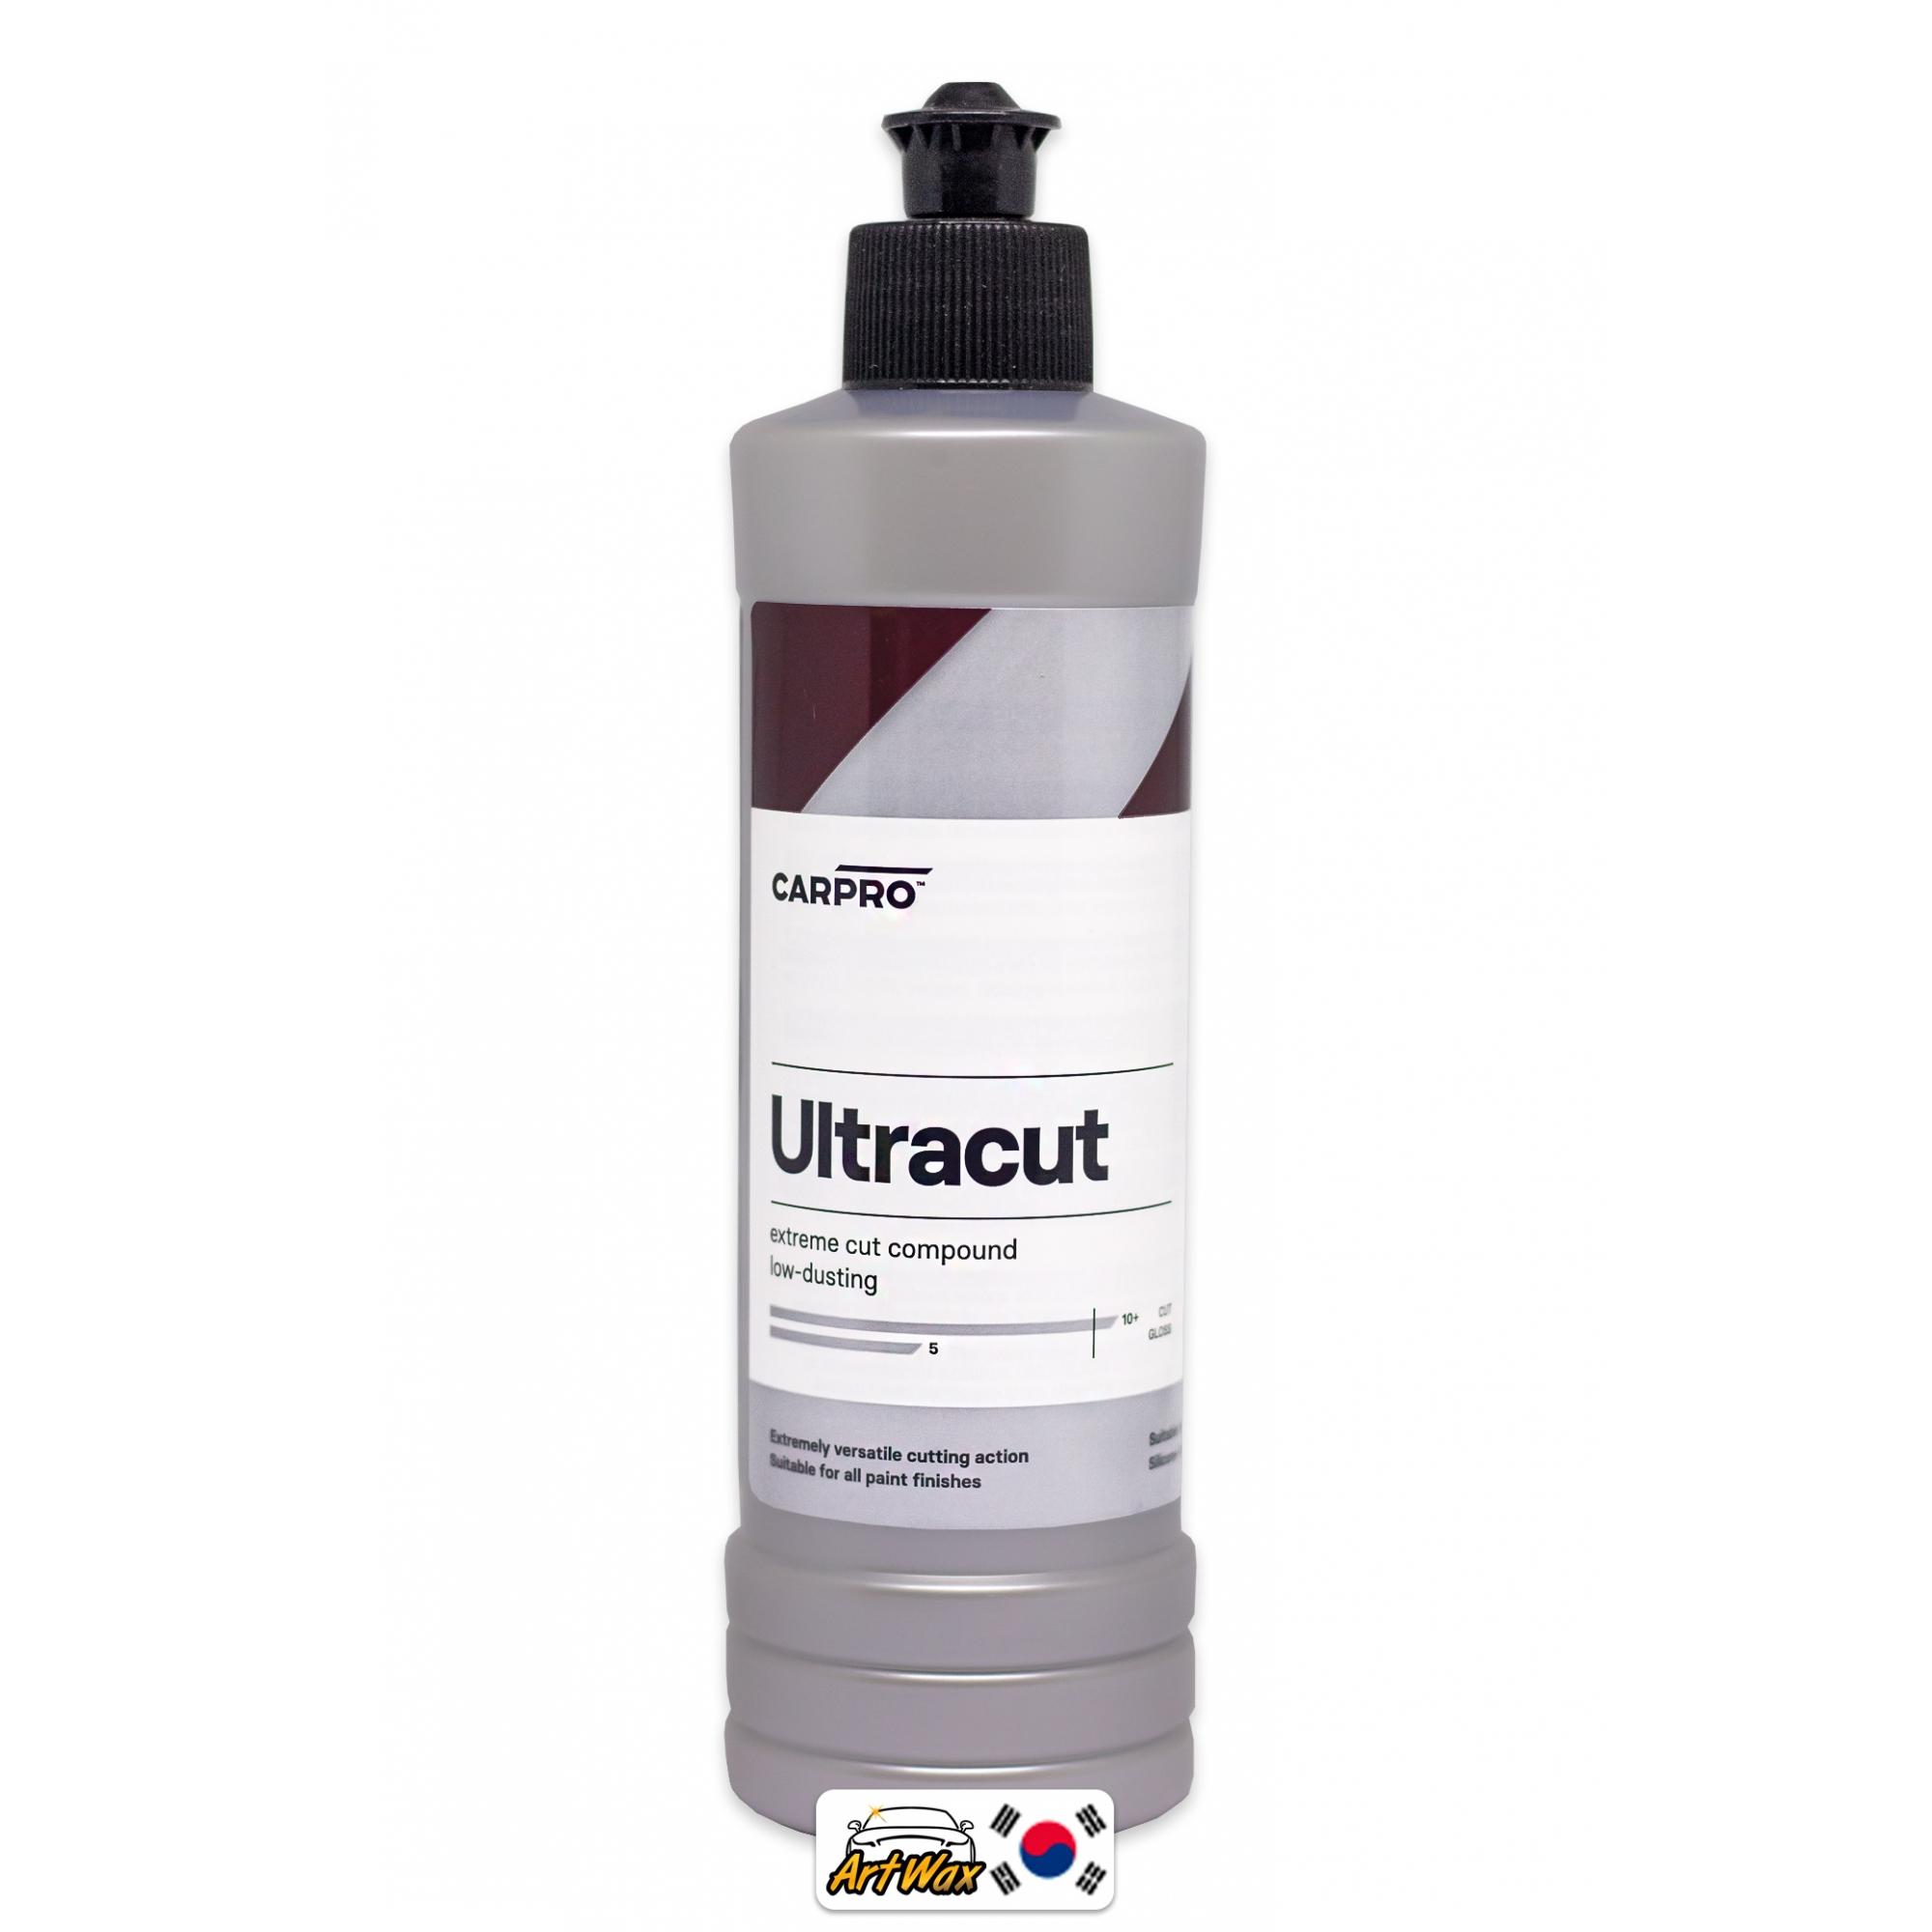 Carpro Ultracut 250ml - Composto Corte Agressivo